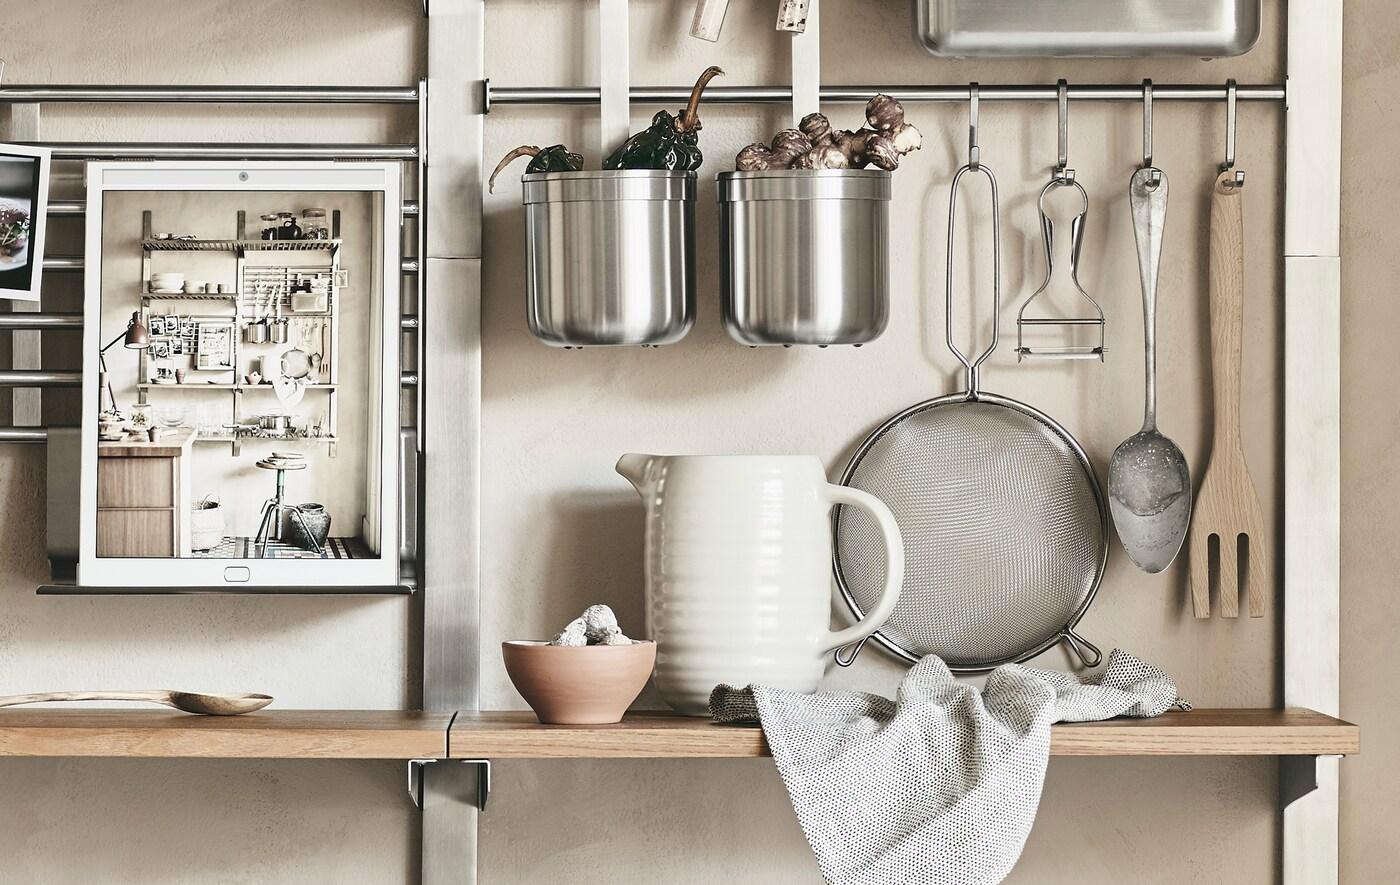 سكك تعليق معدنية ورفوف خشبية لتخزين أغراض المطبخ.